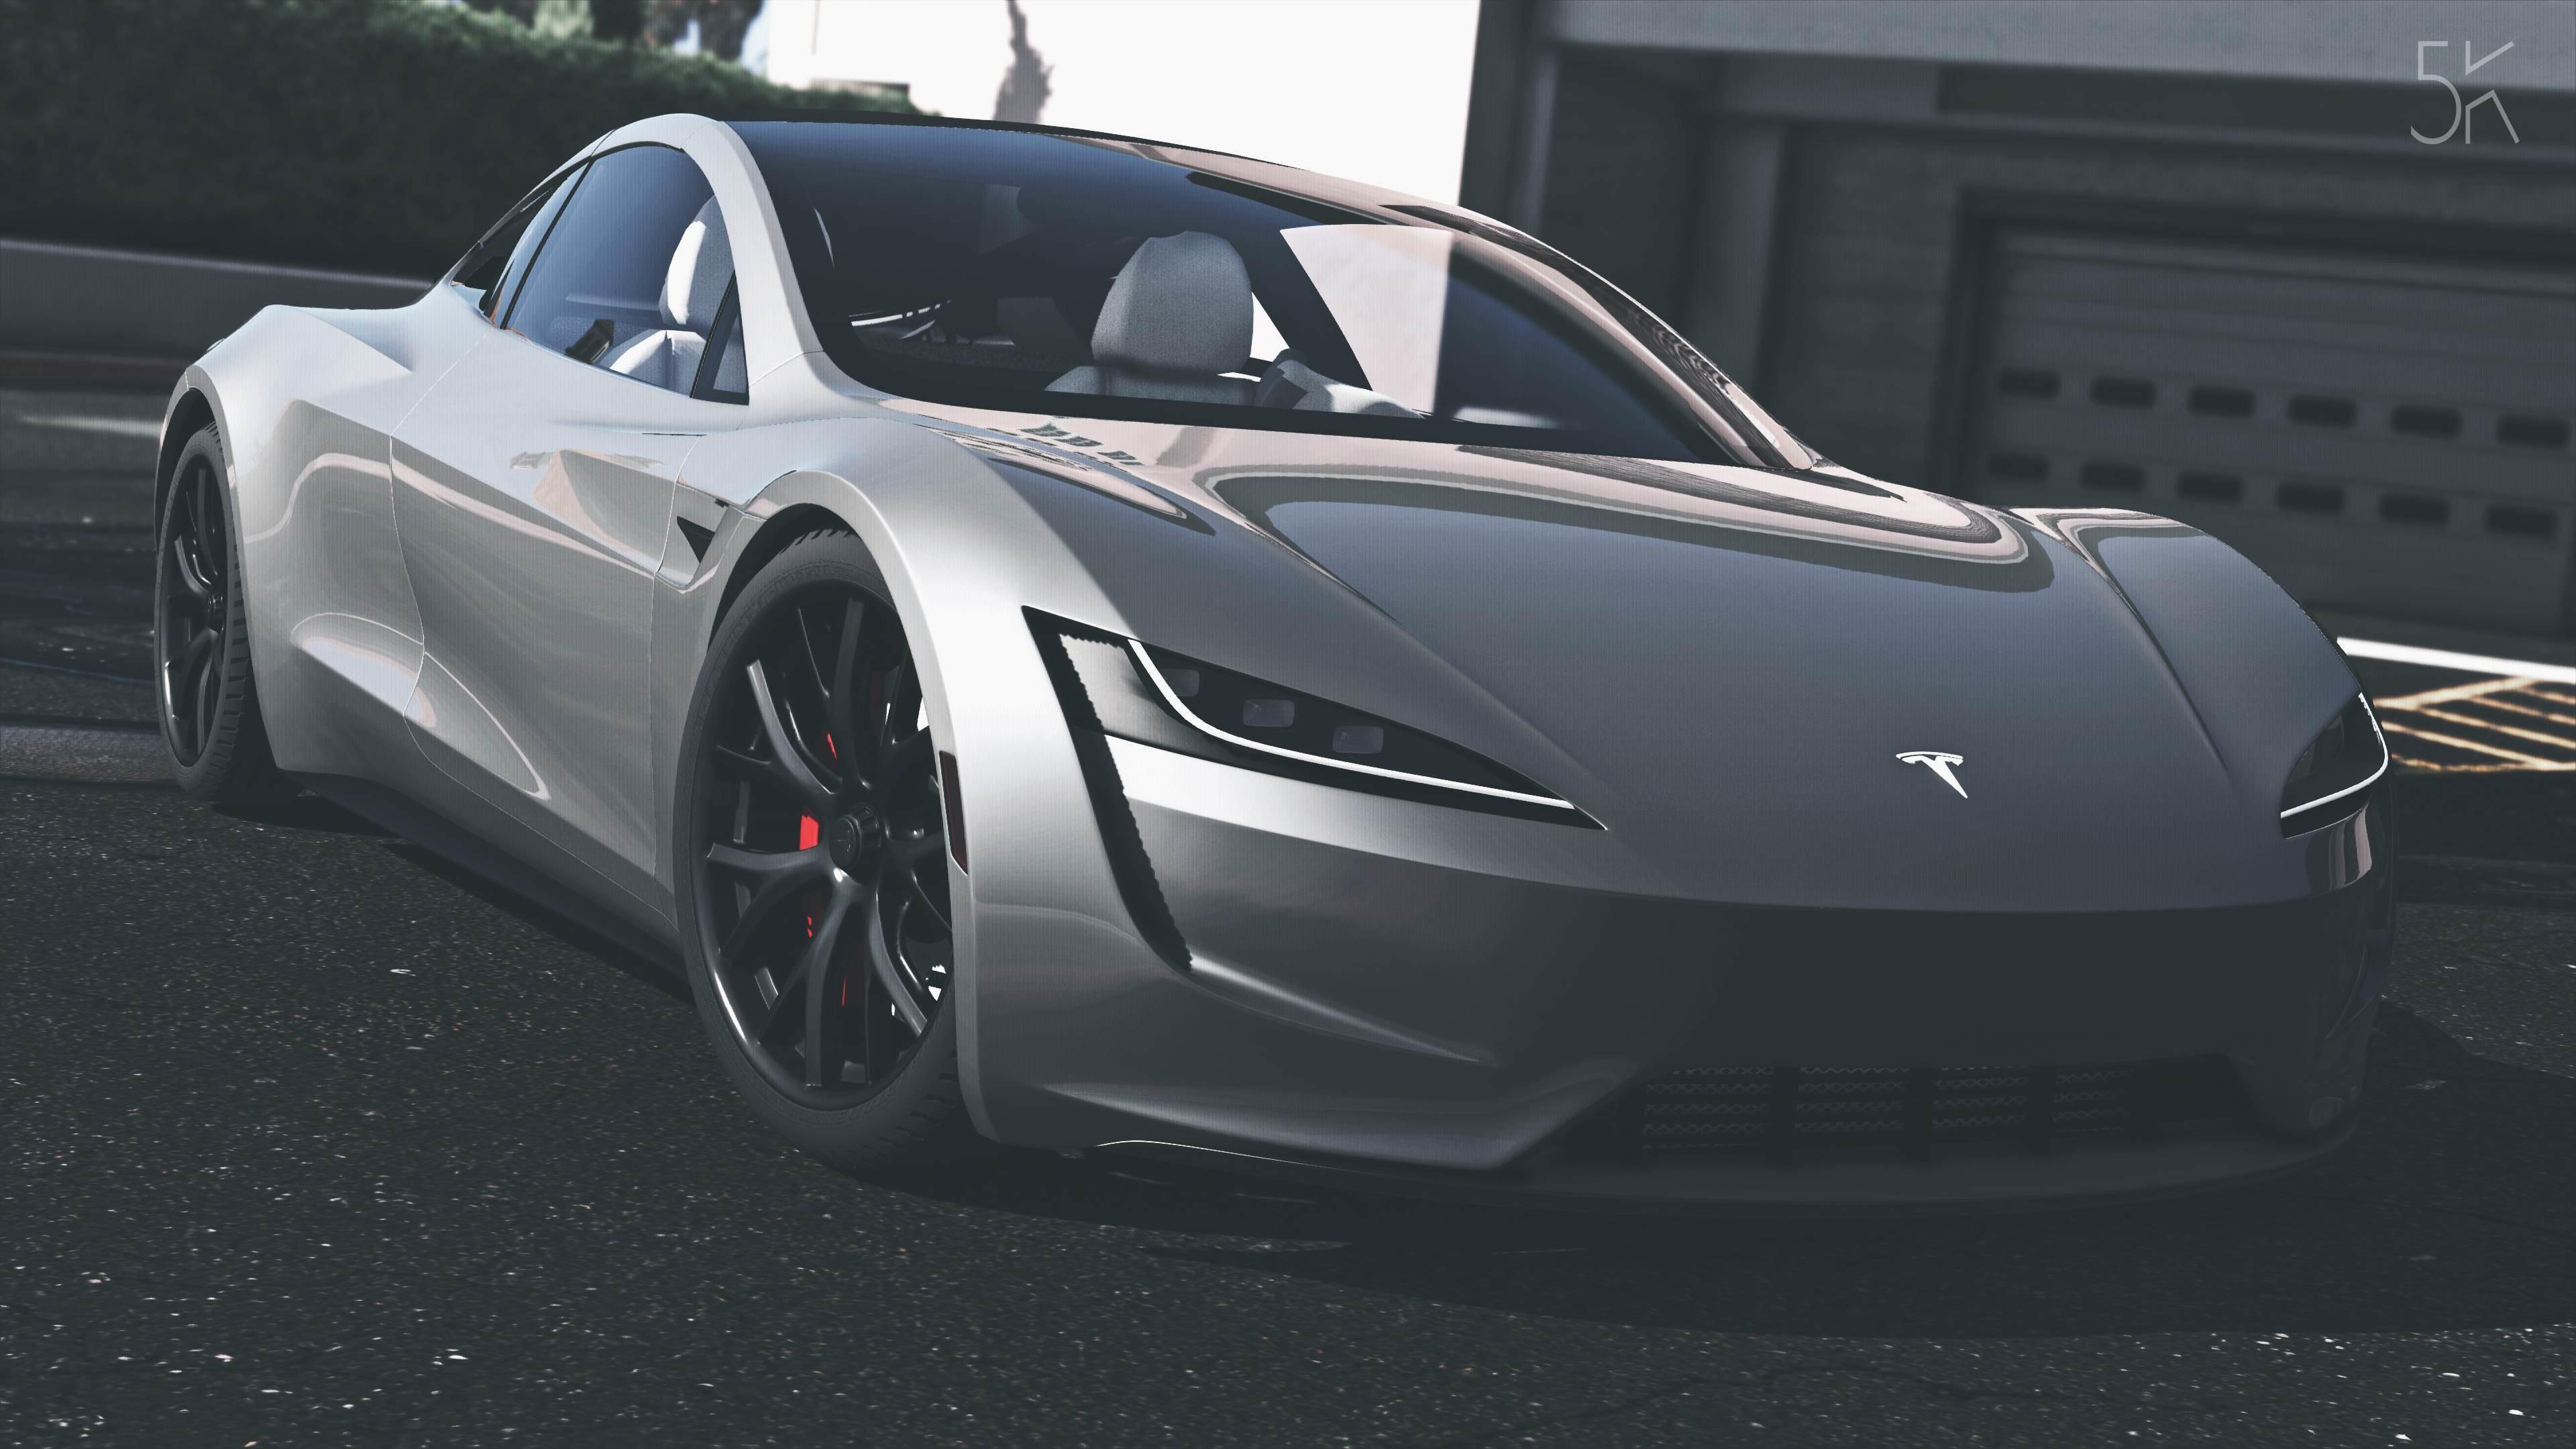 wallpaper tesla roadster, gta 5, 2020 cars, electric car, 4k, cars